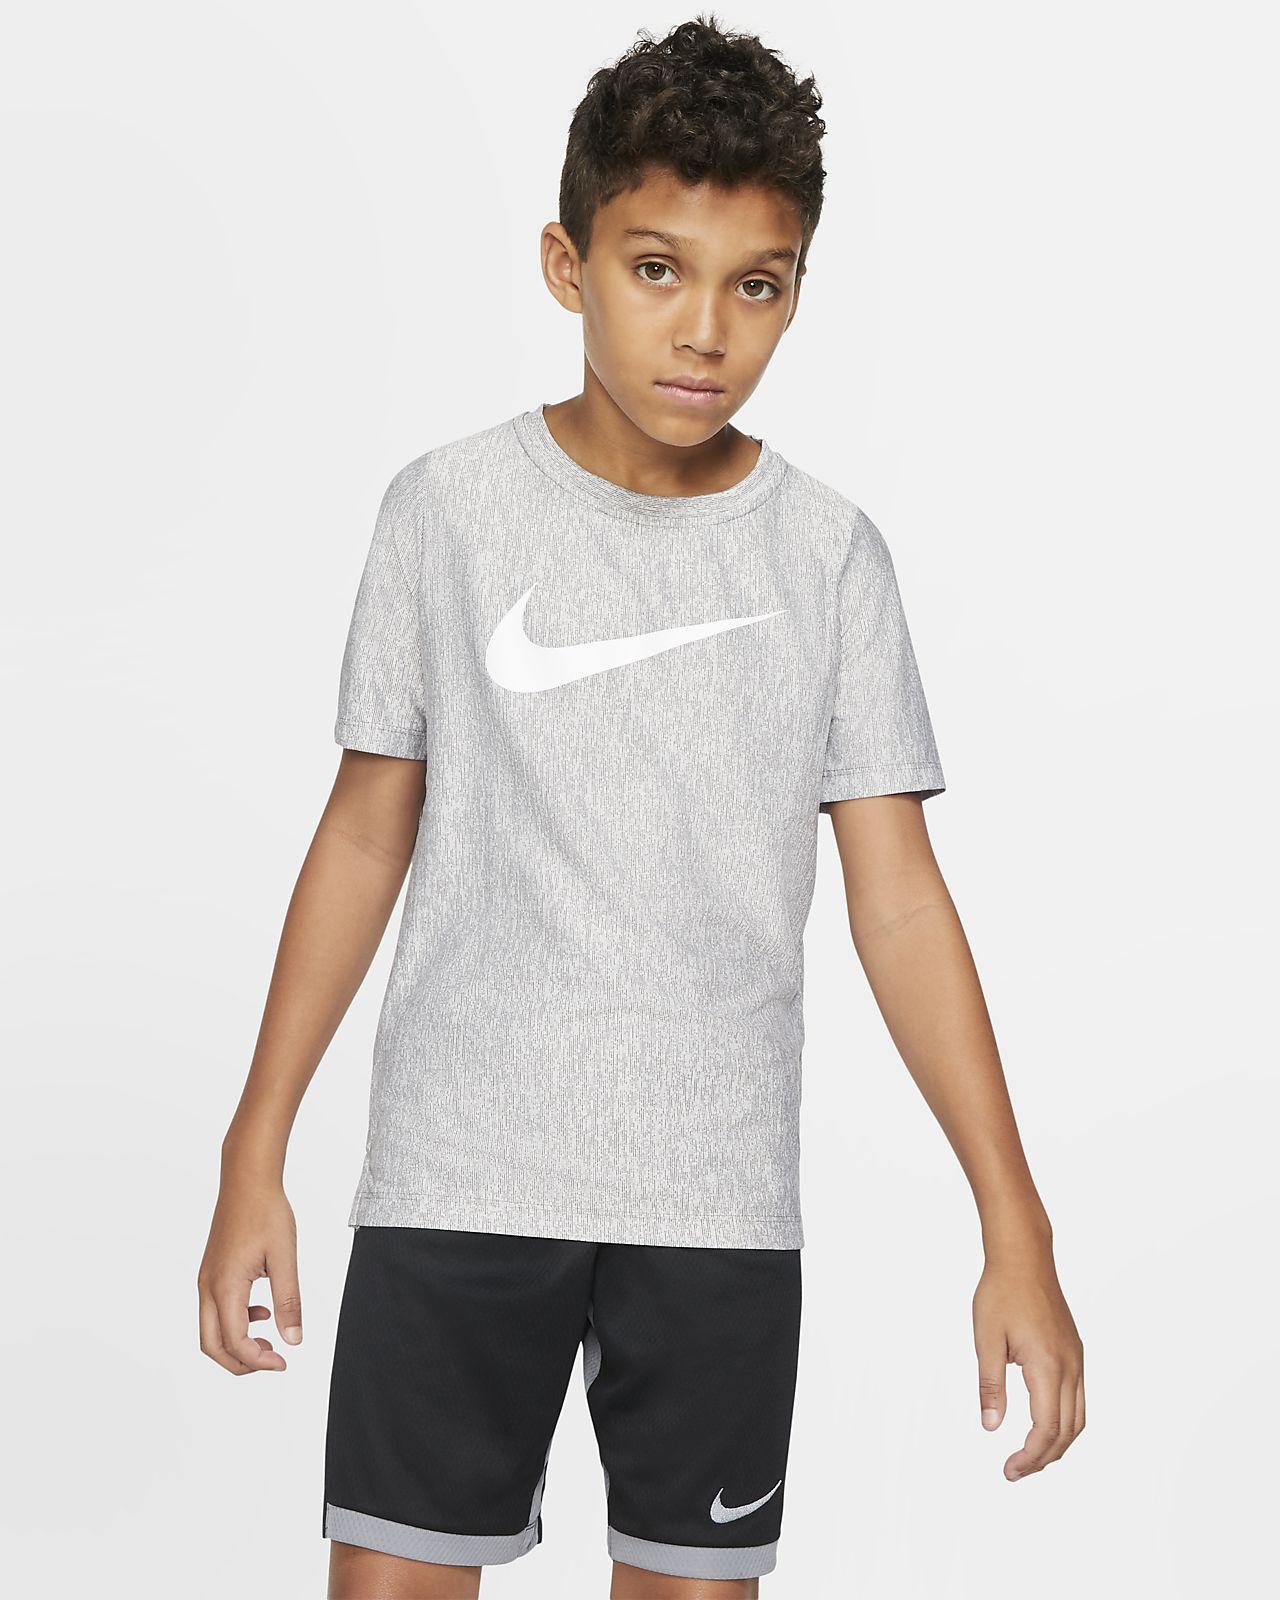 เสื้อเทรนนิ่งแขนสั้นเด็กชาย Nike Dri-FIT